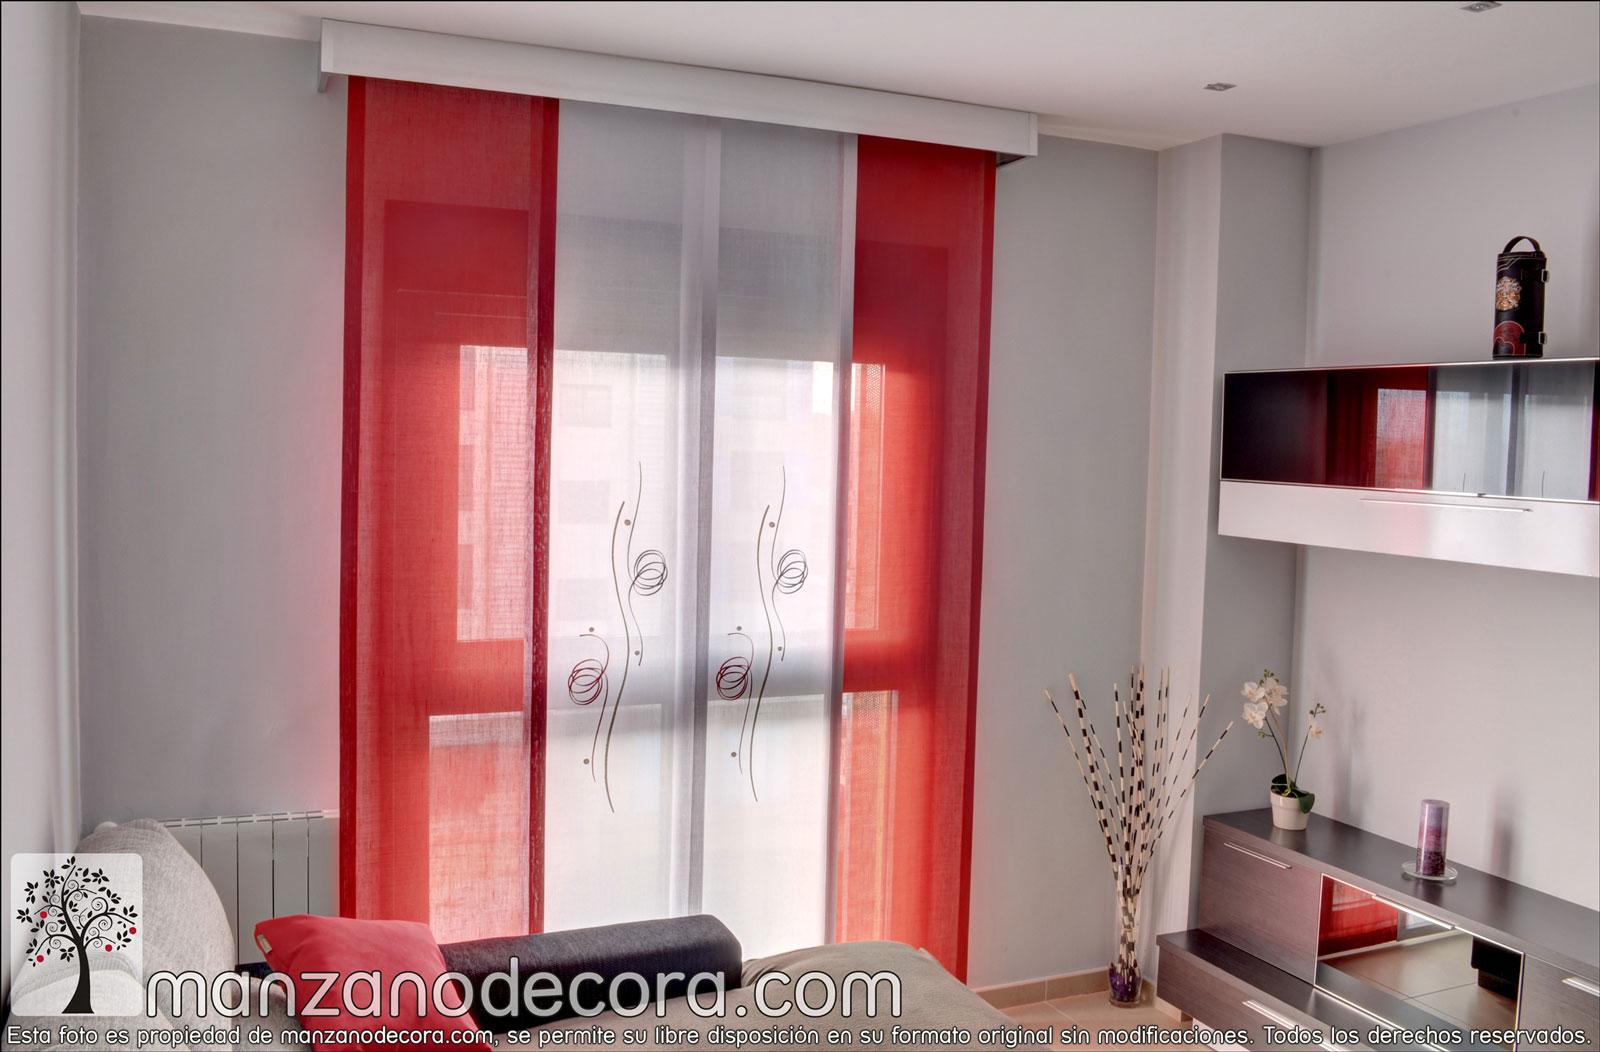 paneles japoneses cortinas manzanodecora ForTelas Para Paneles Japoneses